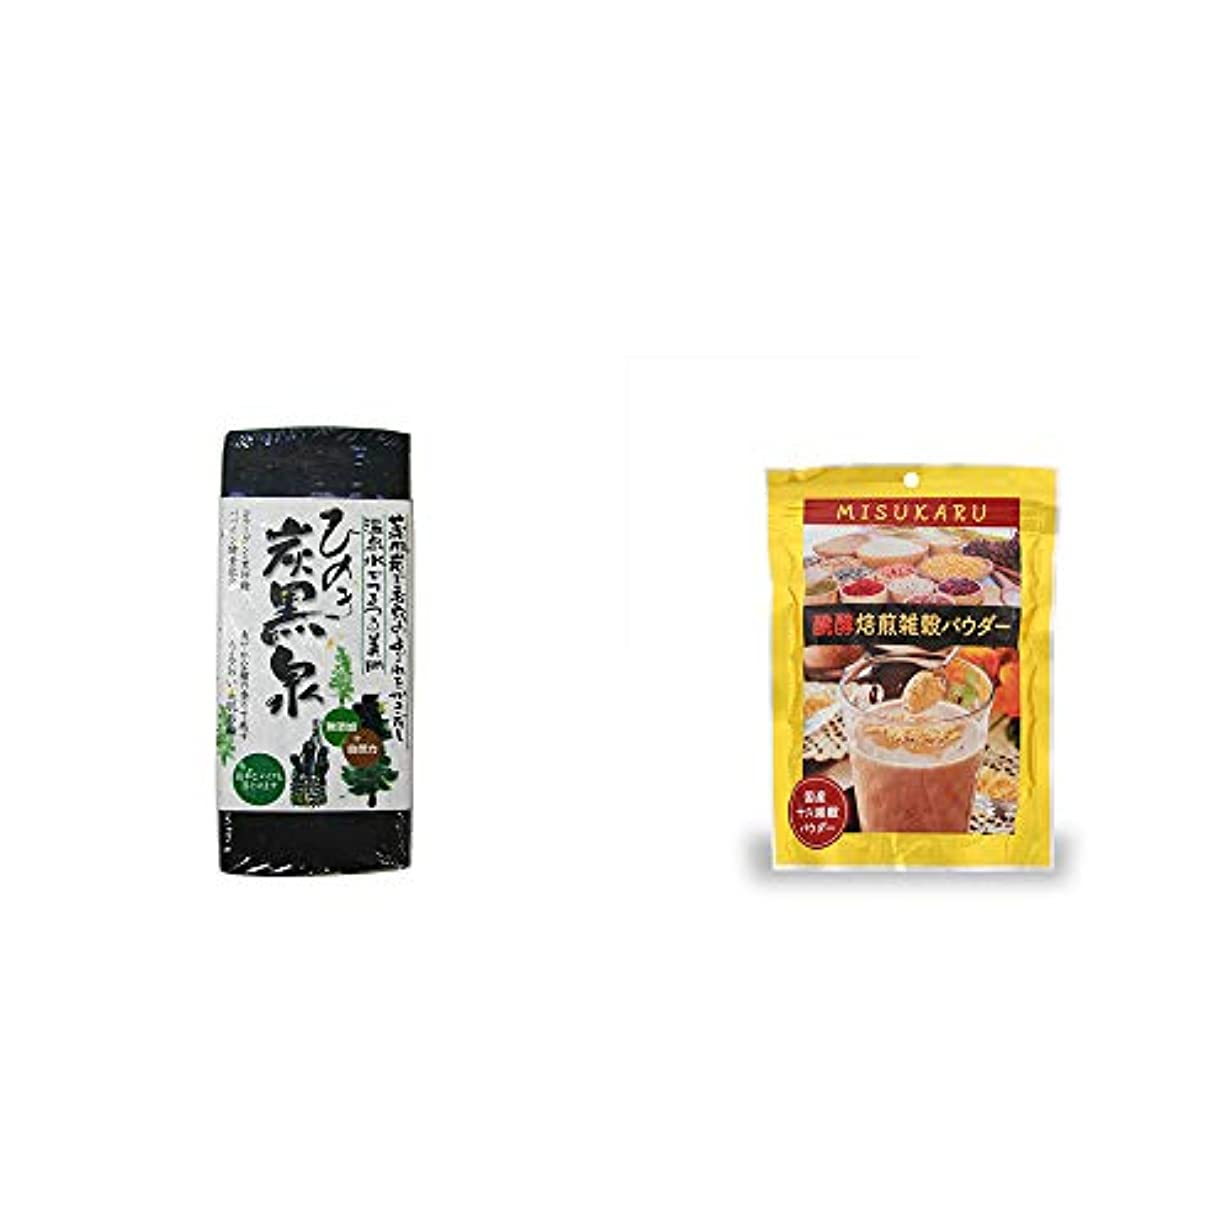 [2点セット] ひのき炭黒泉(75g×2)?醗酵焙煎雑穀パウダー MISUKARU(ミスカル)(200g)